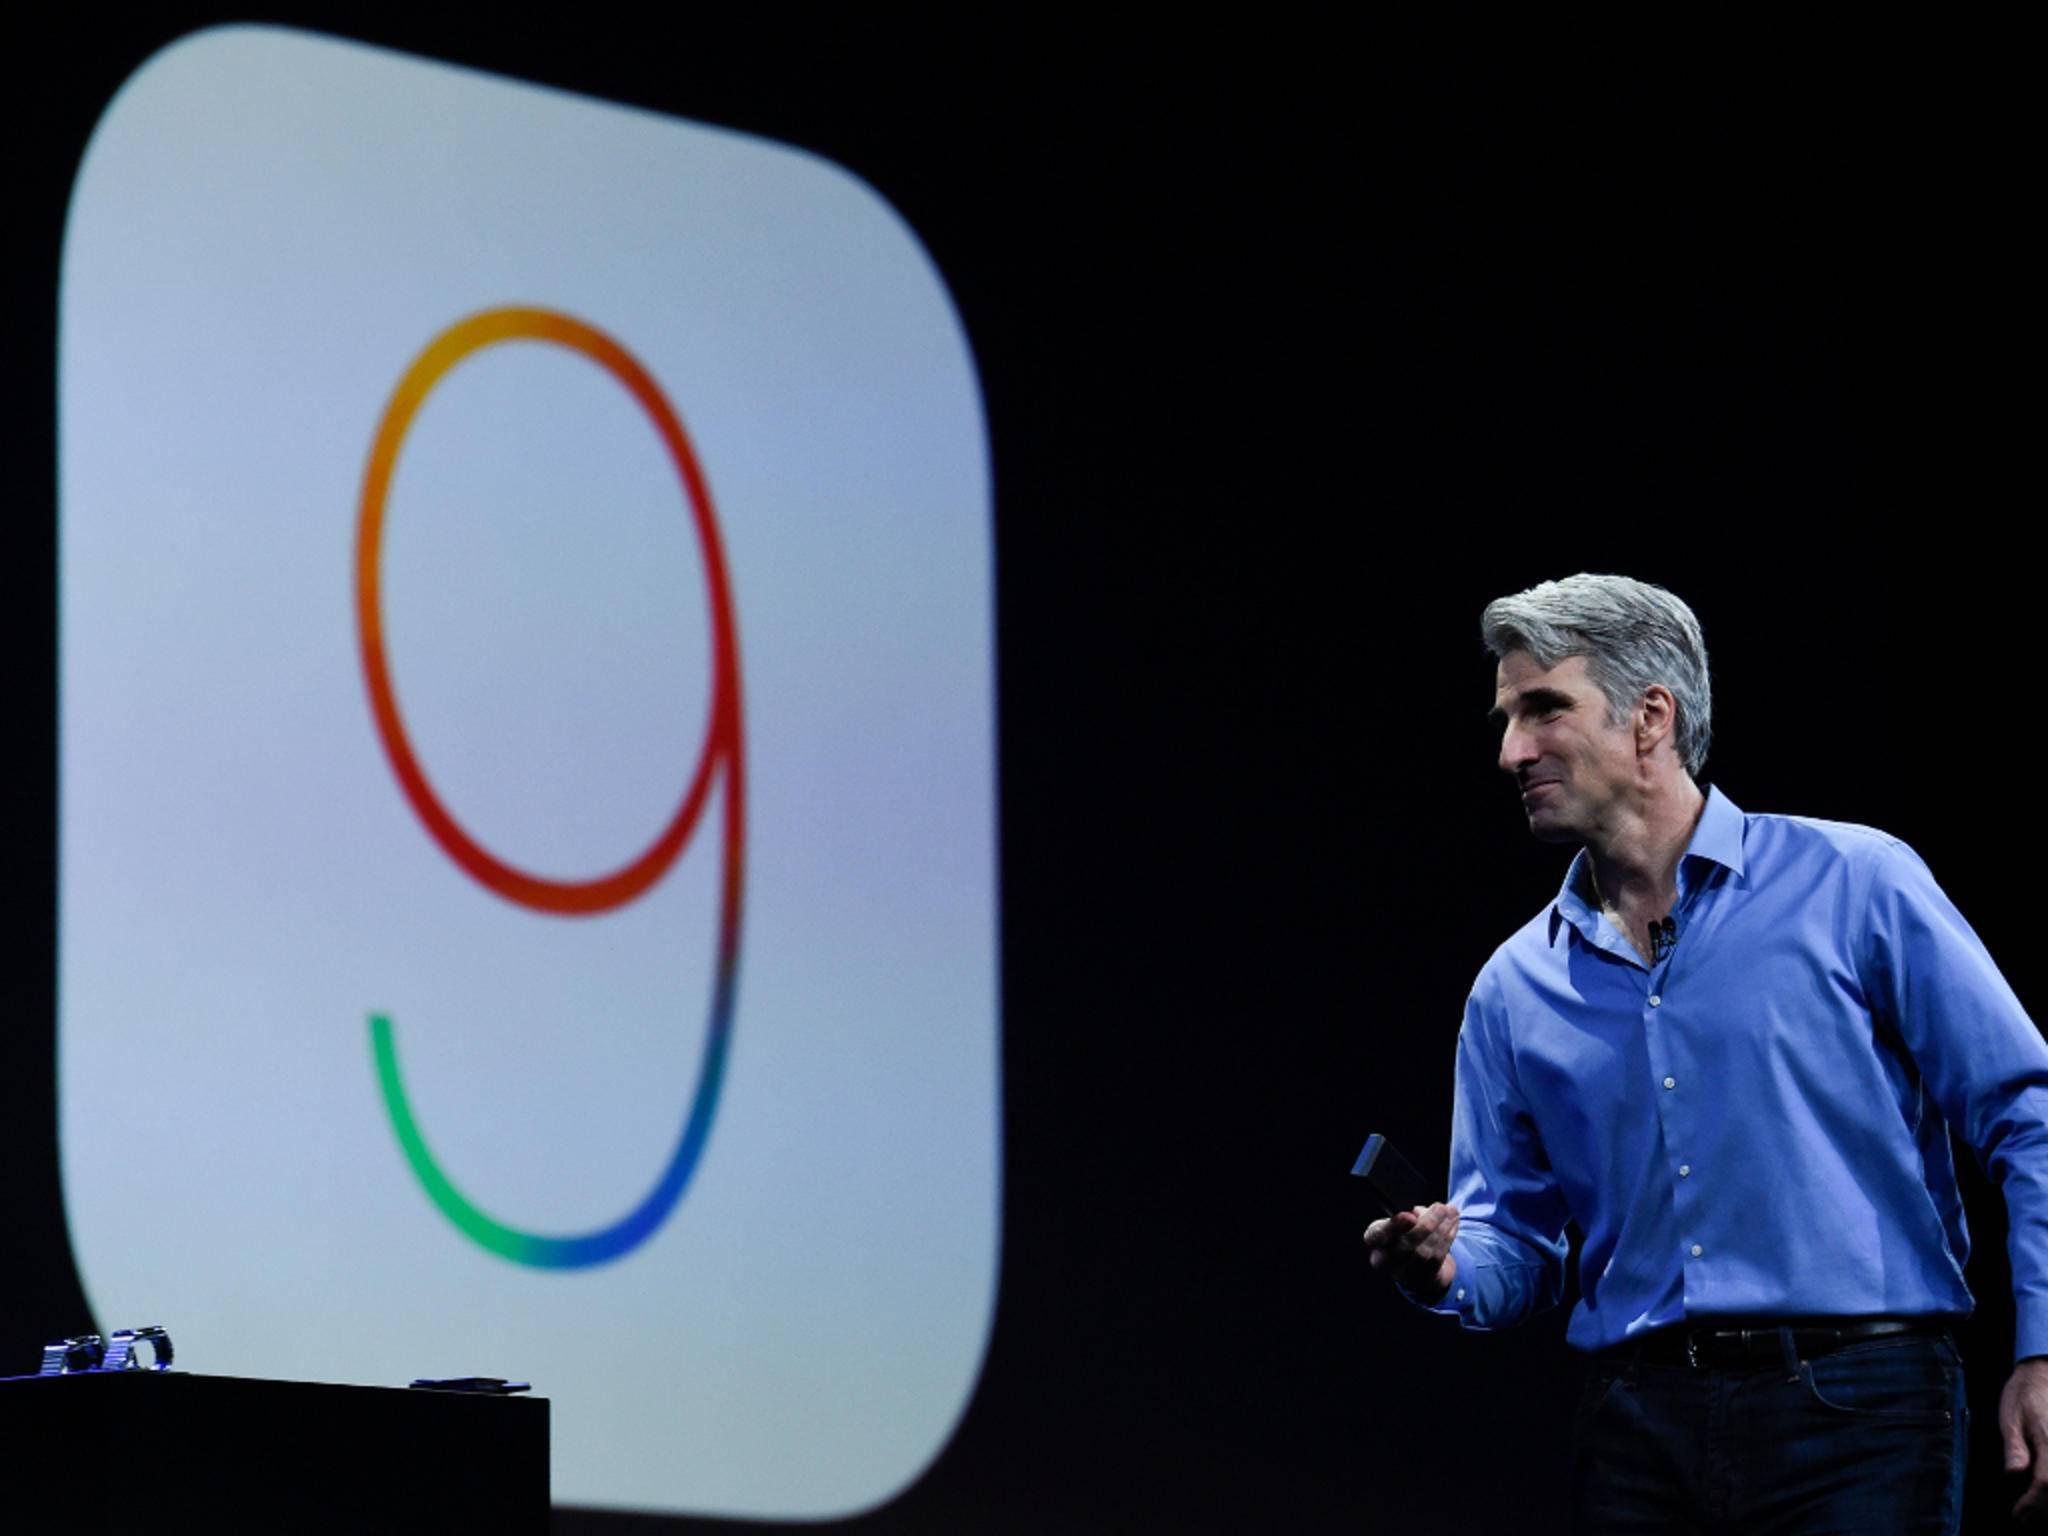 Auf der Entwicklerkonferenz WWDC stellte Craig Federighi iOS 9 vor. Bislang gibt es nur eine Beta-Version für Entwickler